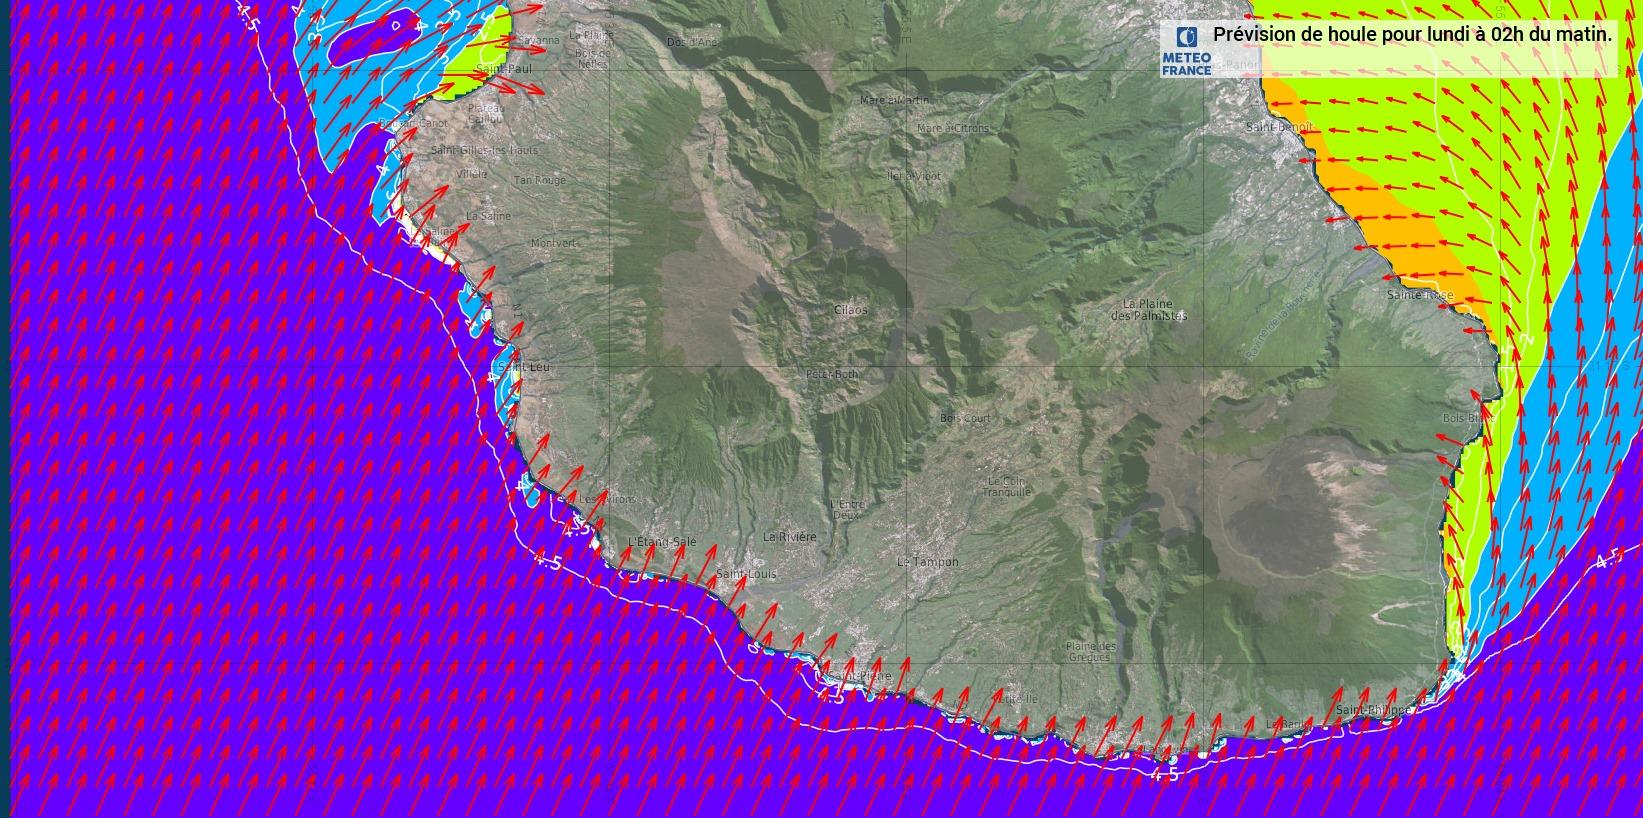 """Document METEO FRANCE OCEAN INDIEN. Modèle WW3. """"Les secteurs les plus exposés sont ceux où la direction de la houle est perpendiculaire au rivage"""" précise Météo France."""